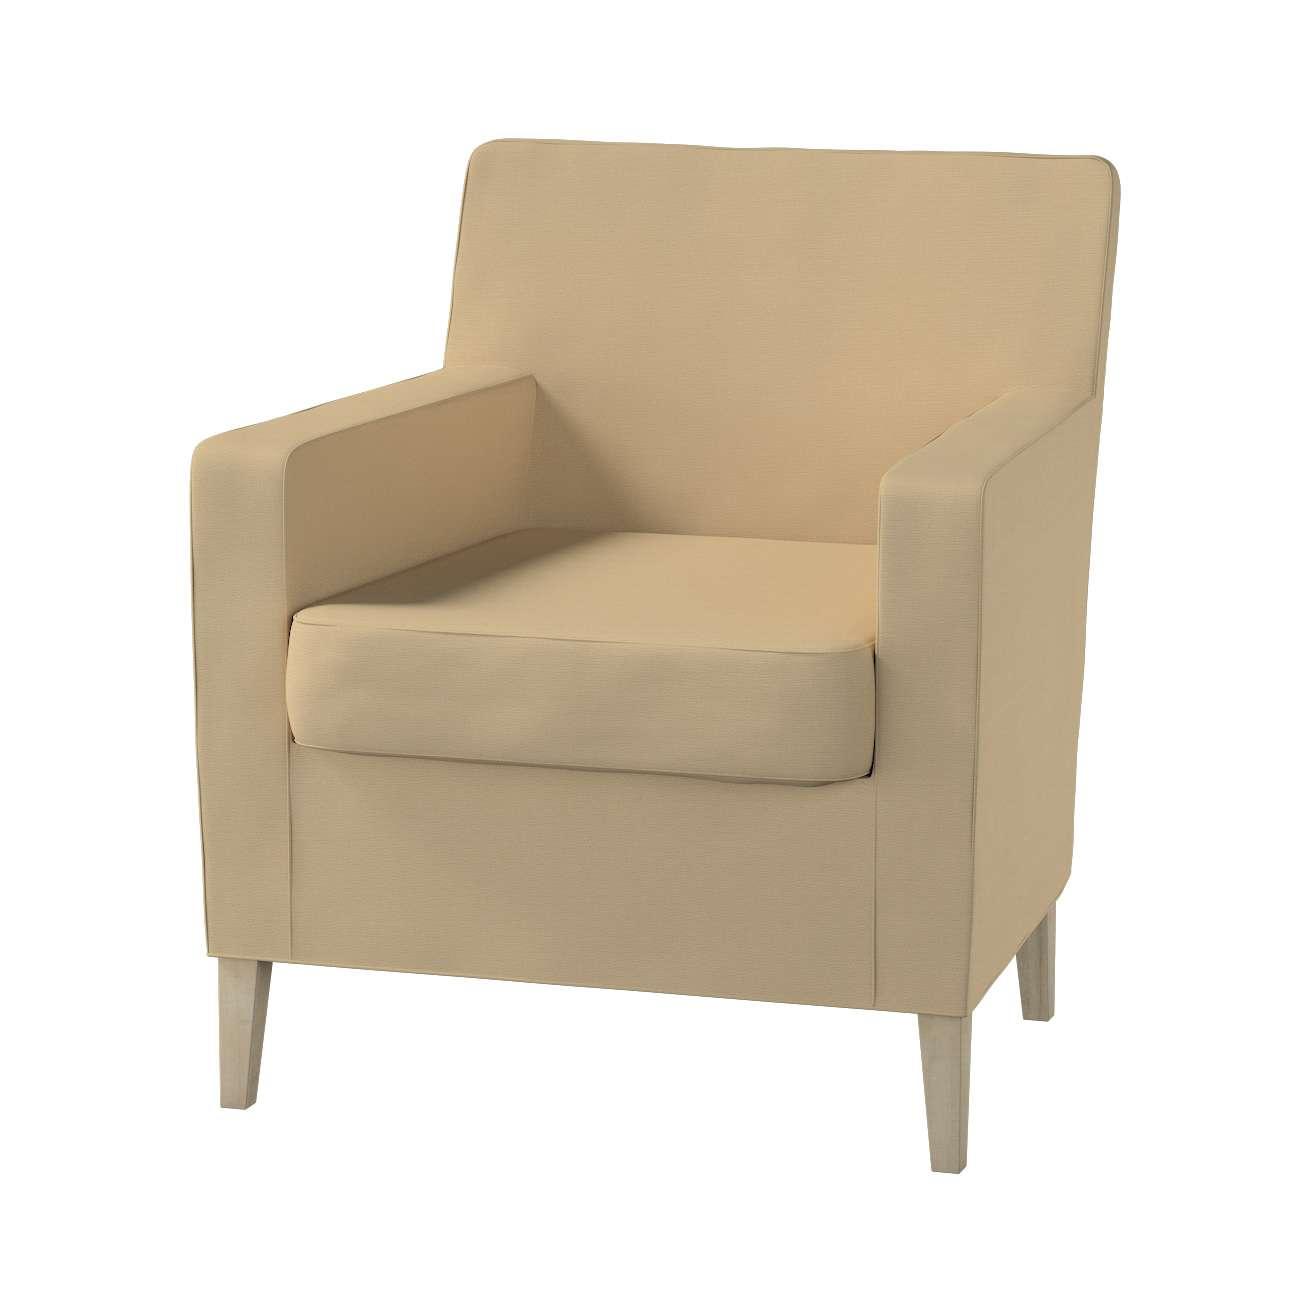 Pokrowiec na fotel Karlstad Fotel  Karlstad w kolekcji Cotton Panama, tkanina: 702-01